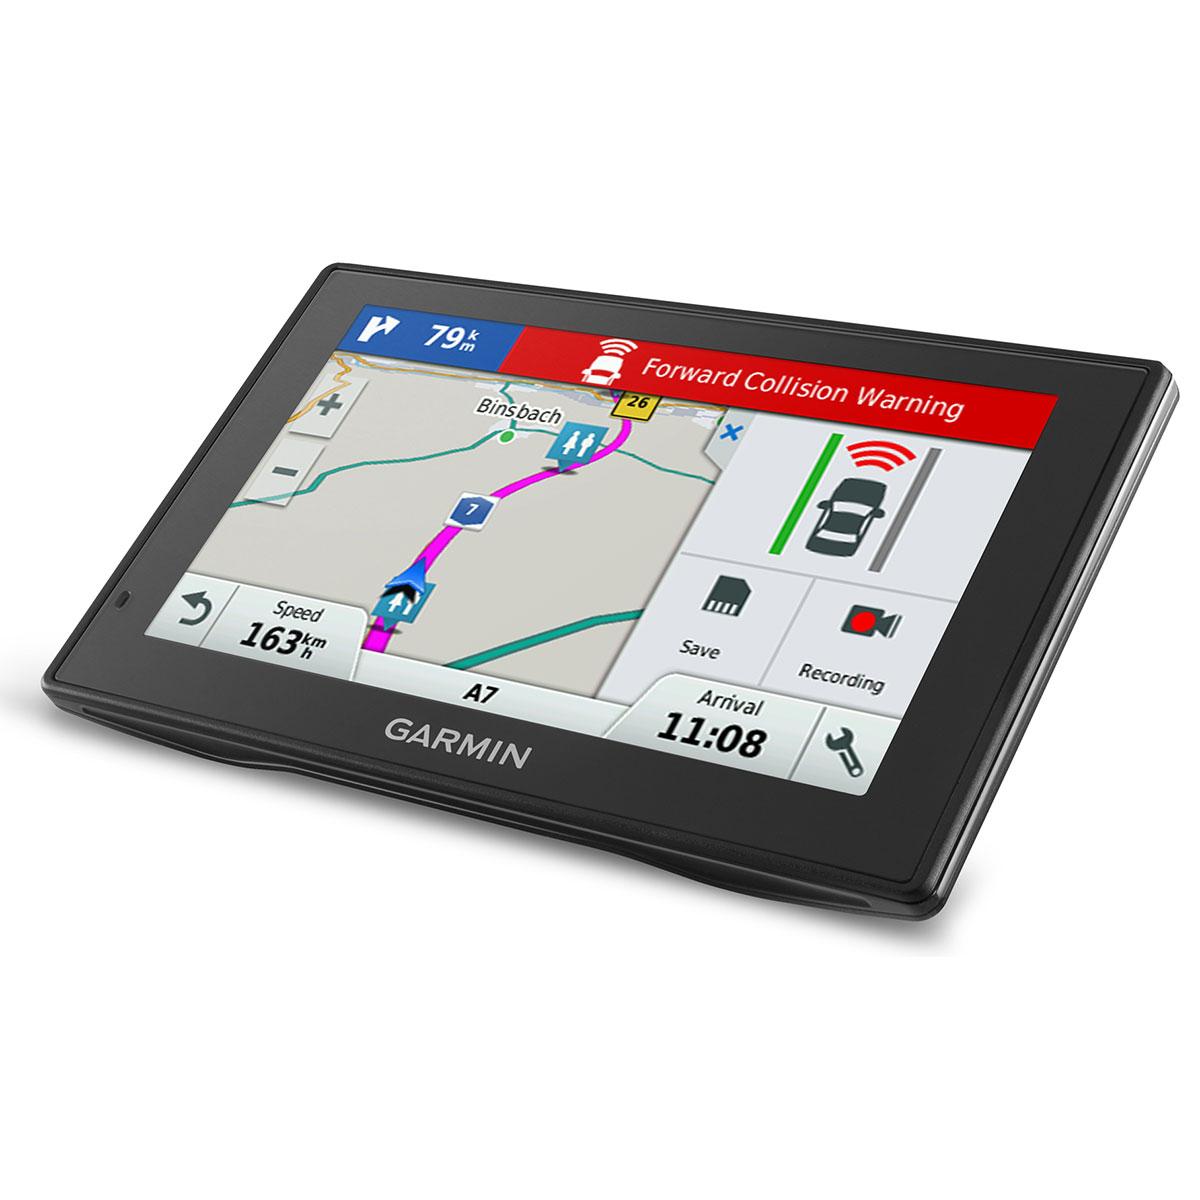 GPS навигатор Garmin DriveAssist 50LMT-D Europe [010-01541-10]GPS навигаторы<br>Garmin DriveAssist50 - GPS навигатор со втроенной камерой и возможностью подклучения второй<br><br>Современный мир с его огромным количеством многополосных дорог, сложных перекрестков и многоуровневых развязок предъявляет серьезные требования к подготовке водителя и обязывает его использовать самые современные средства навигации. Такие, как Garmin DriveAssist 50! Это устройство – не просто GPS-навигатор! Это полноценный «комбаин», который способен прокладывать путь, поддерживает подключение сторонних гаджетов и аксессуаров, а также несет в себе огромное количество...<br><br>Область применения: автомобильный<br>Возможность загрузки карты местности: Есть<br>Функция расчета маршрута: Есть<br>Програмное обеспечение: Garmin<br>Голосовые сообщения: есть<br>Тип антенны: внутренняя